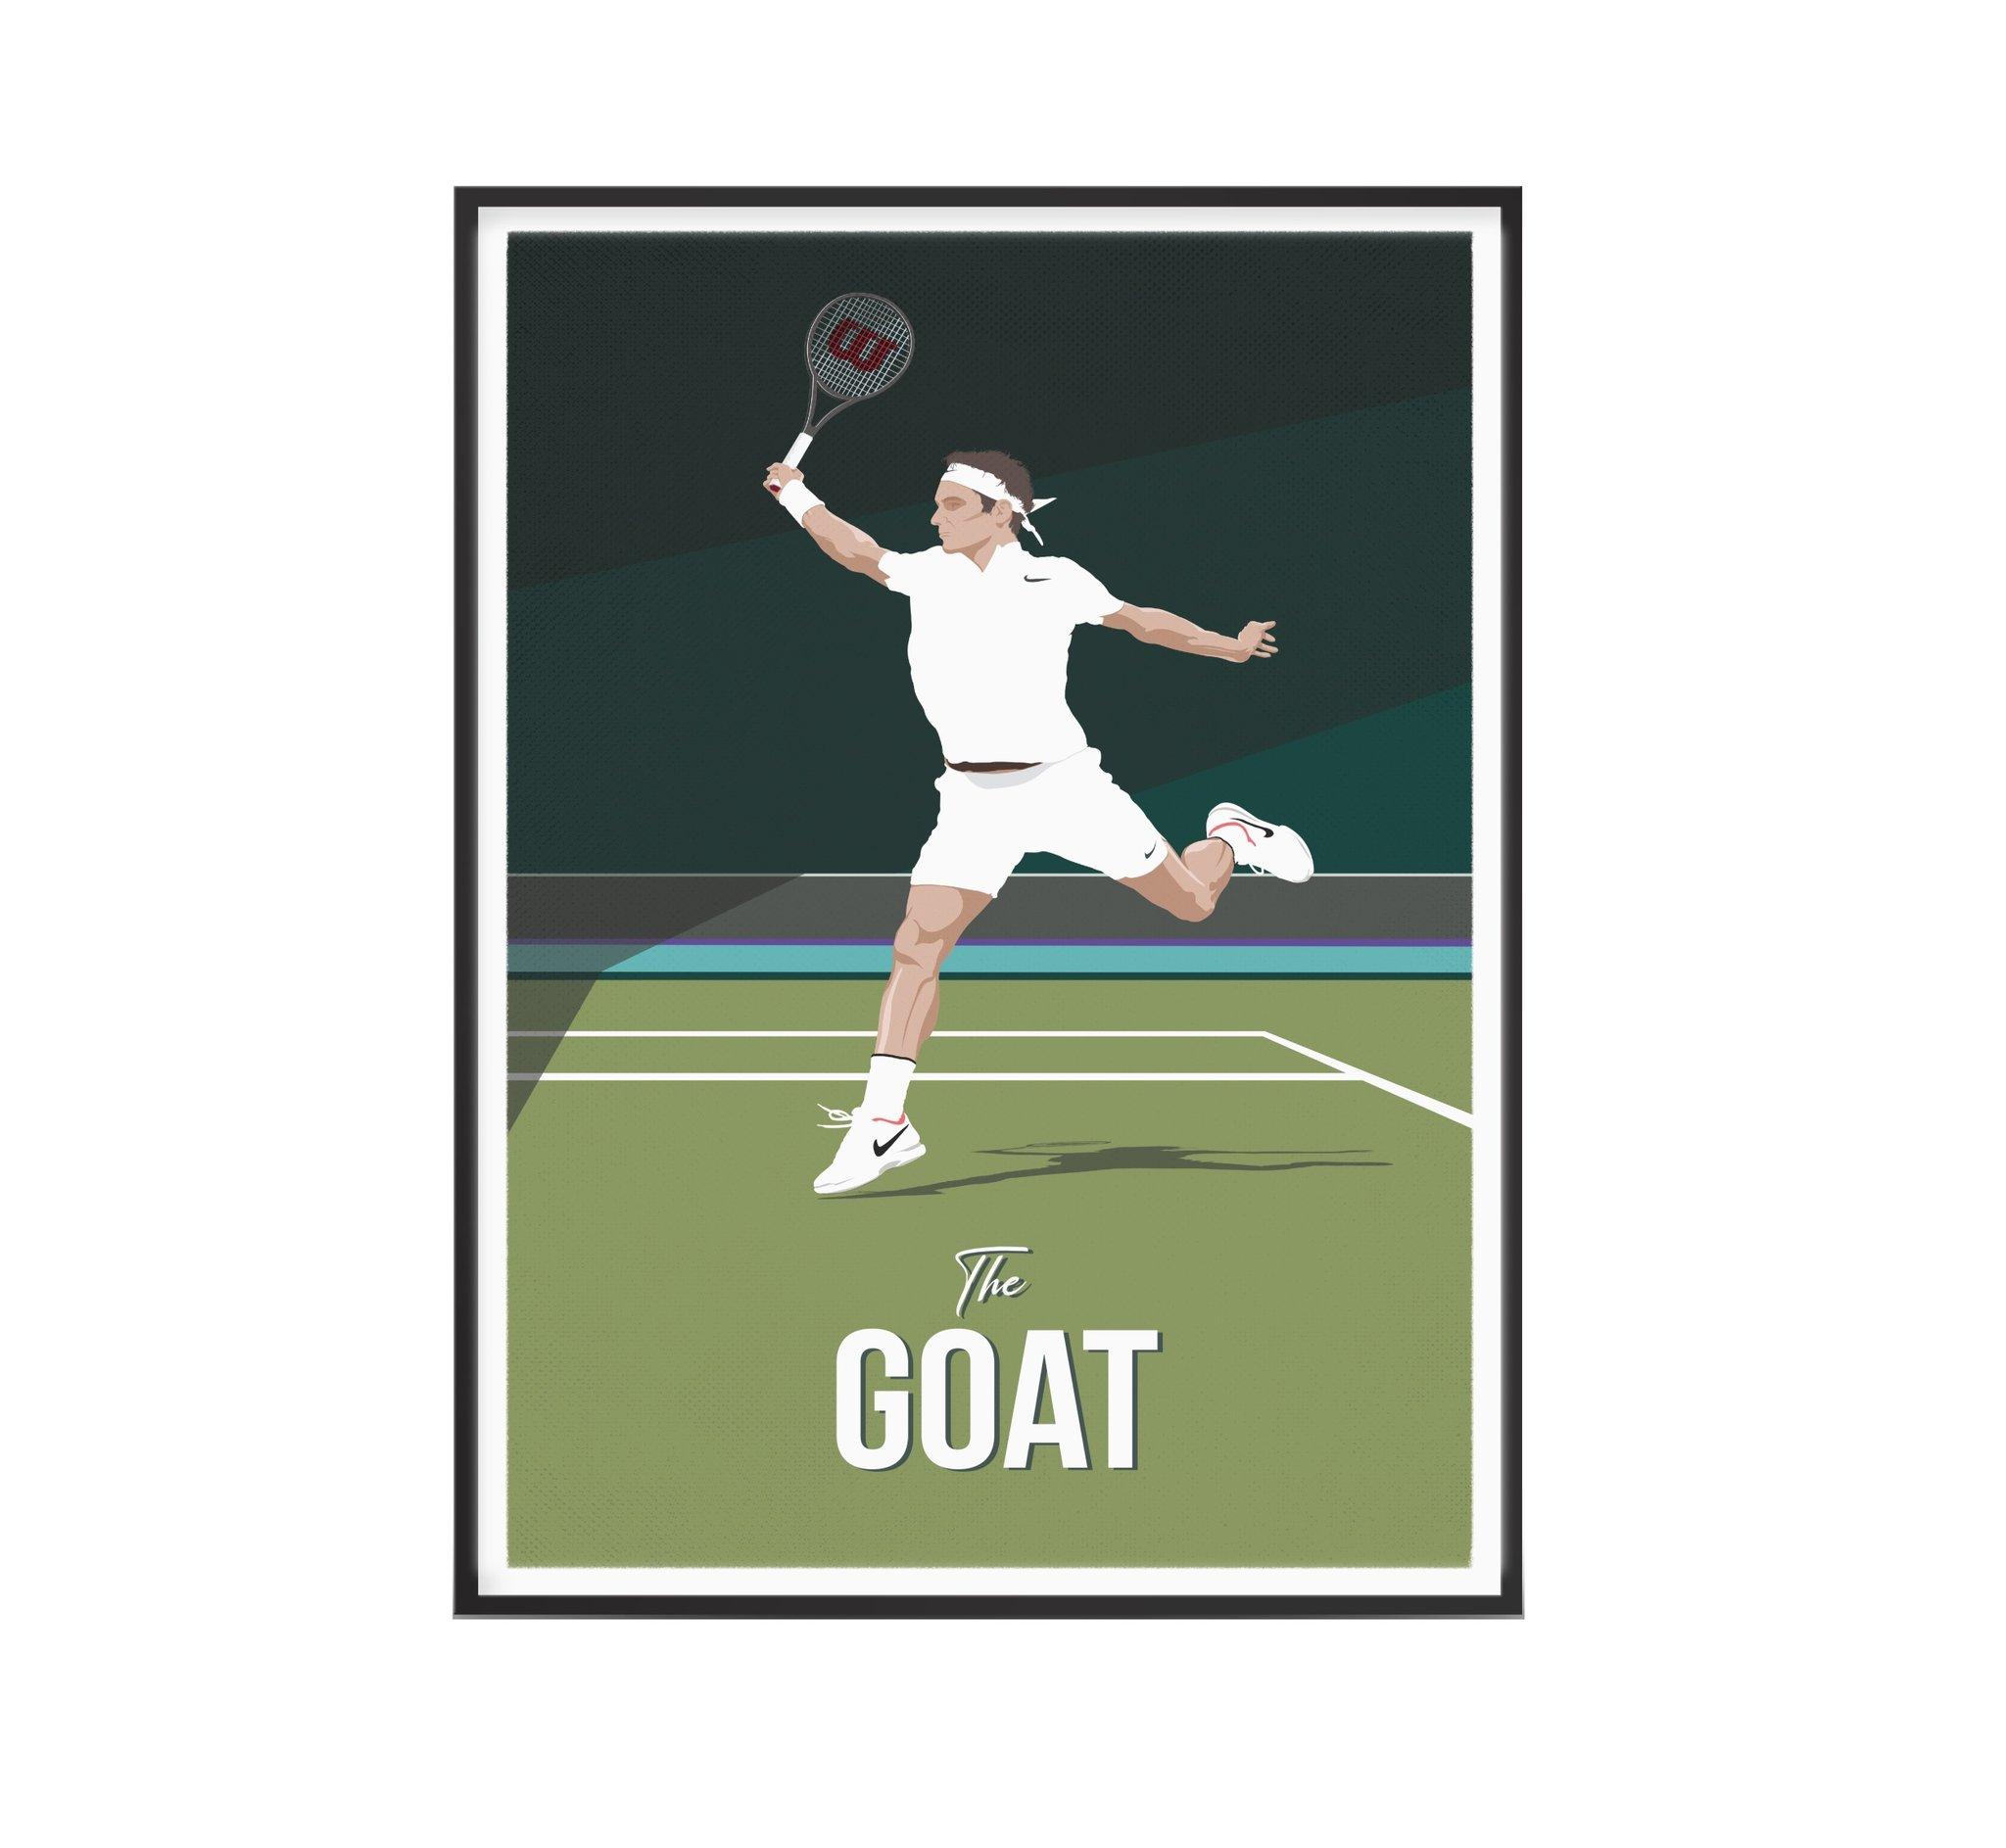 Affiche tennis Roger The Goat 40x60 cm